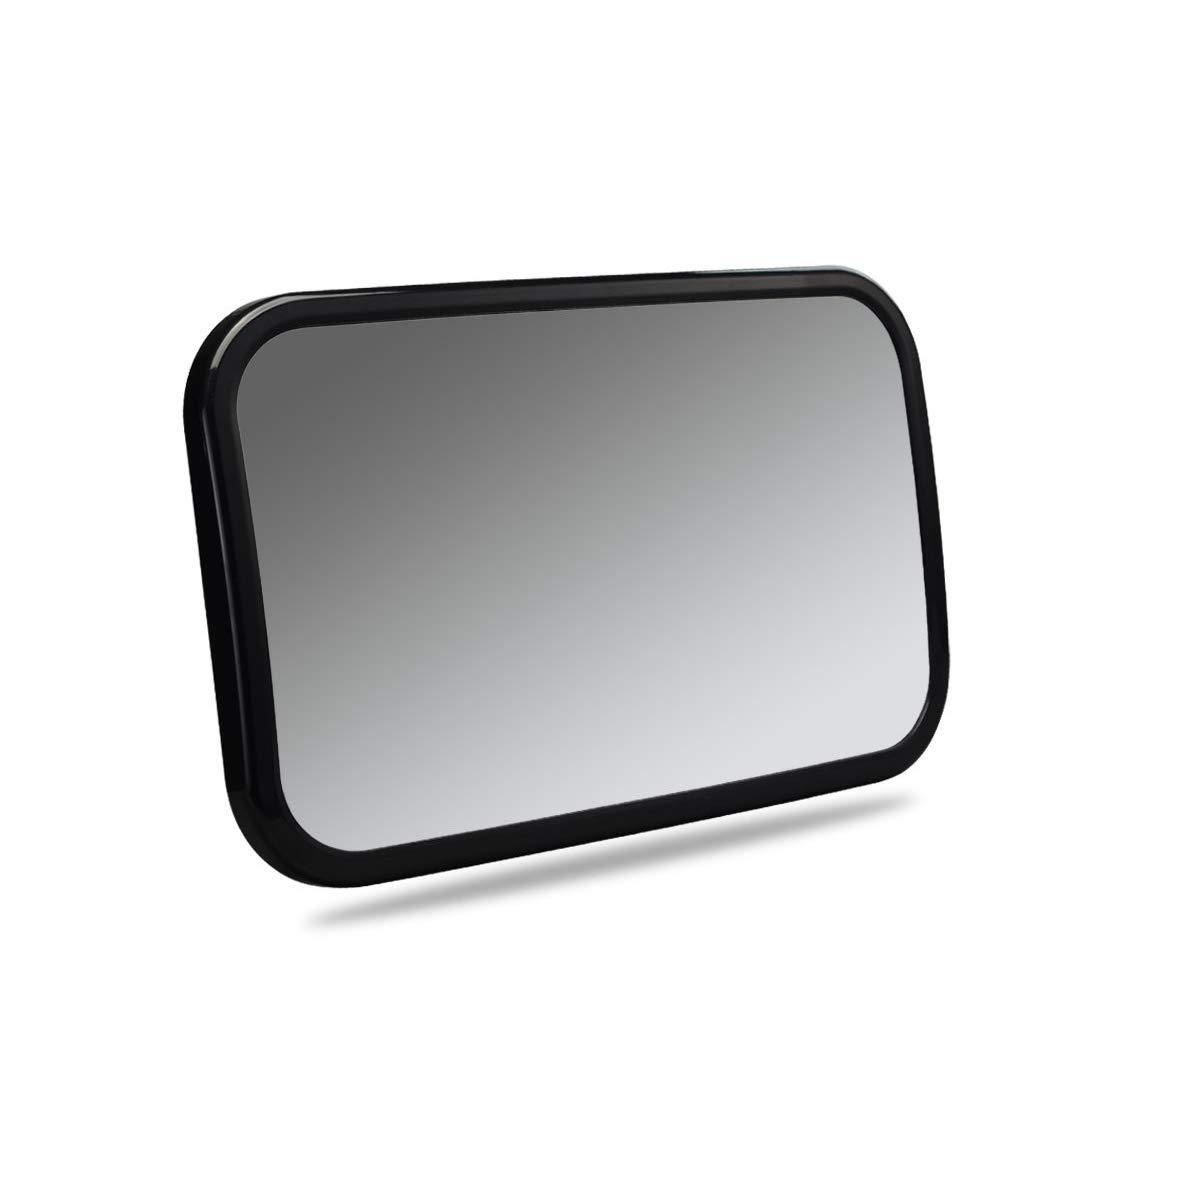 EudoER 360/°Ajustable para Silla Trasera de Beb/é Asientos de Ni/ños Orientados Hacia Atr/ás 100/% Inastillable Espejo Coche